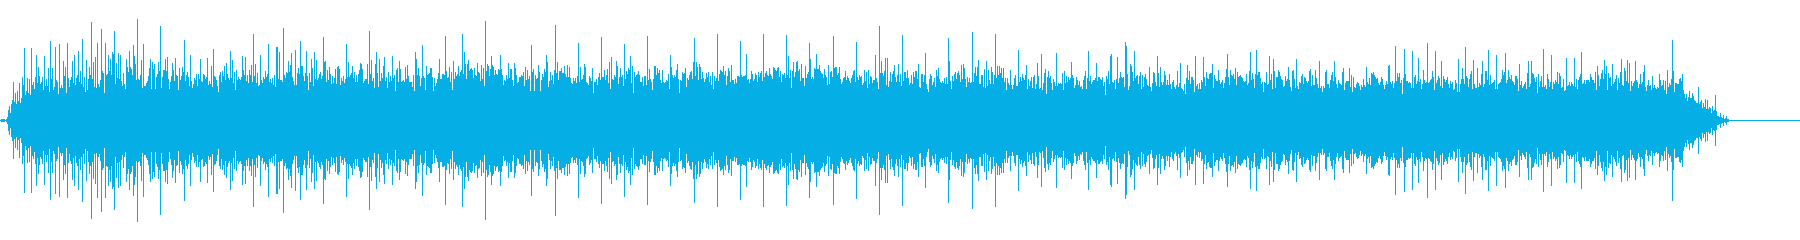 電動歯ブラシ-安定したノイズの再生済みの波形